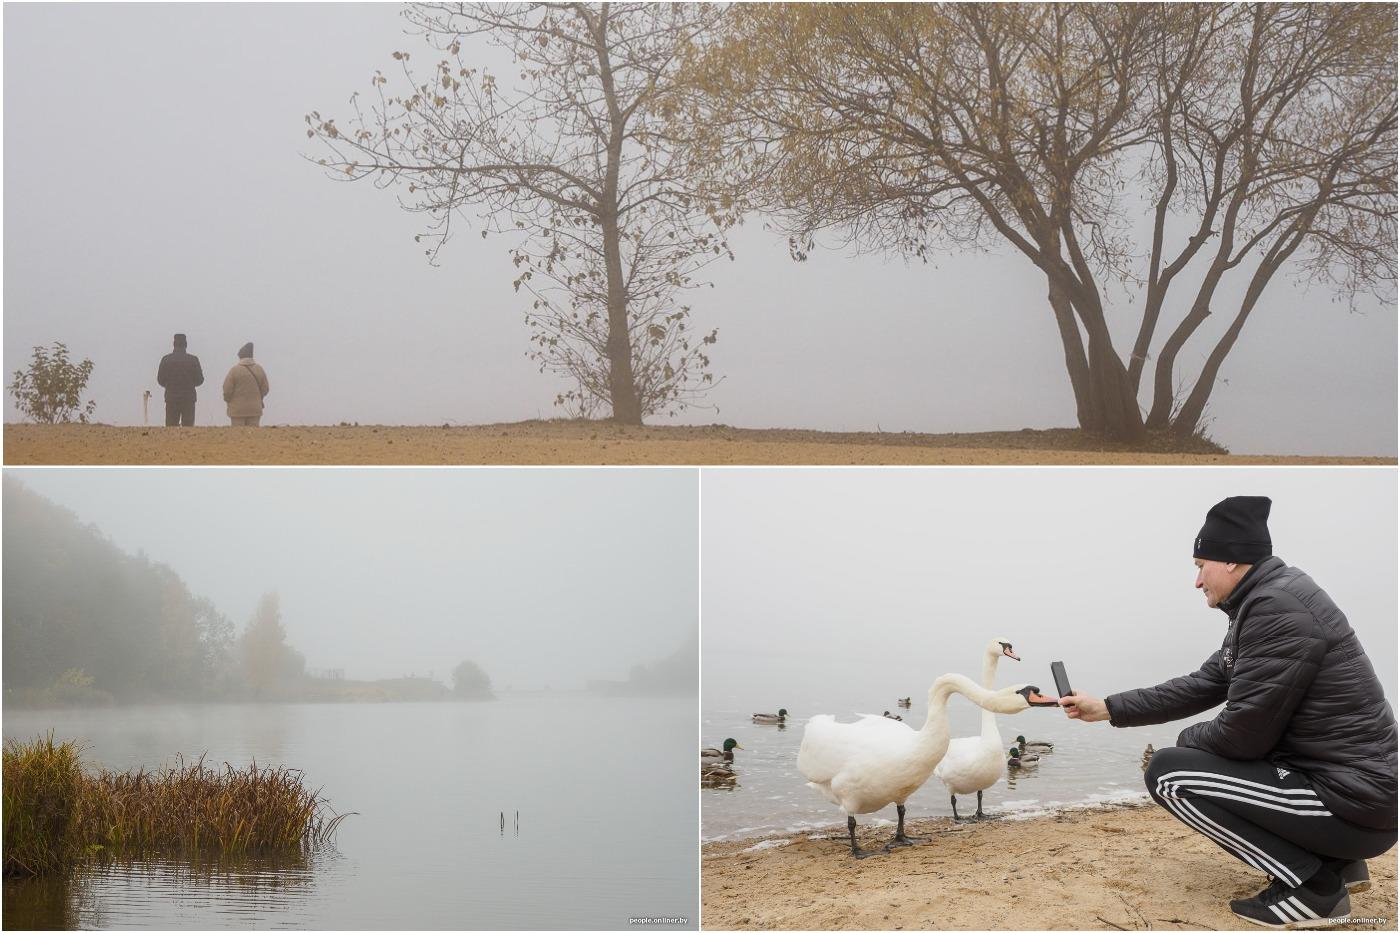 Беларусь накрыл туман: фоторепортаж про птиц, людей и тени